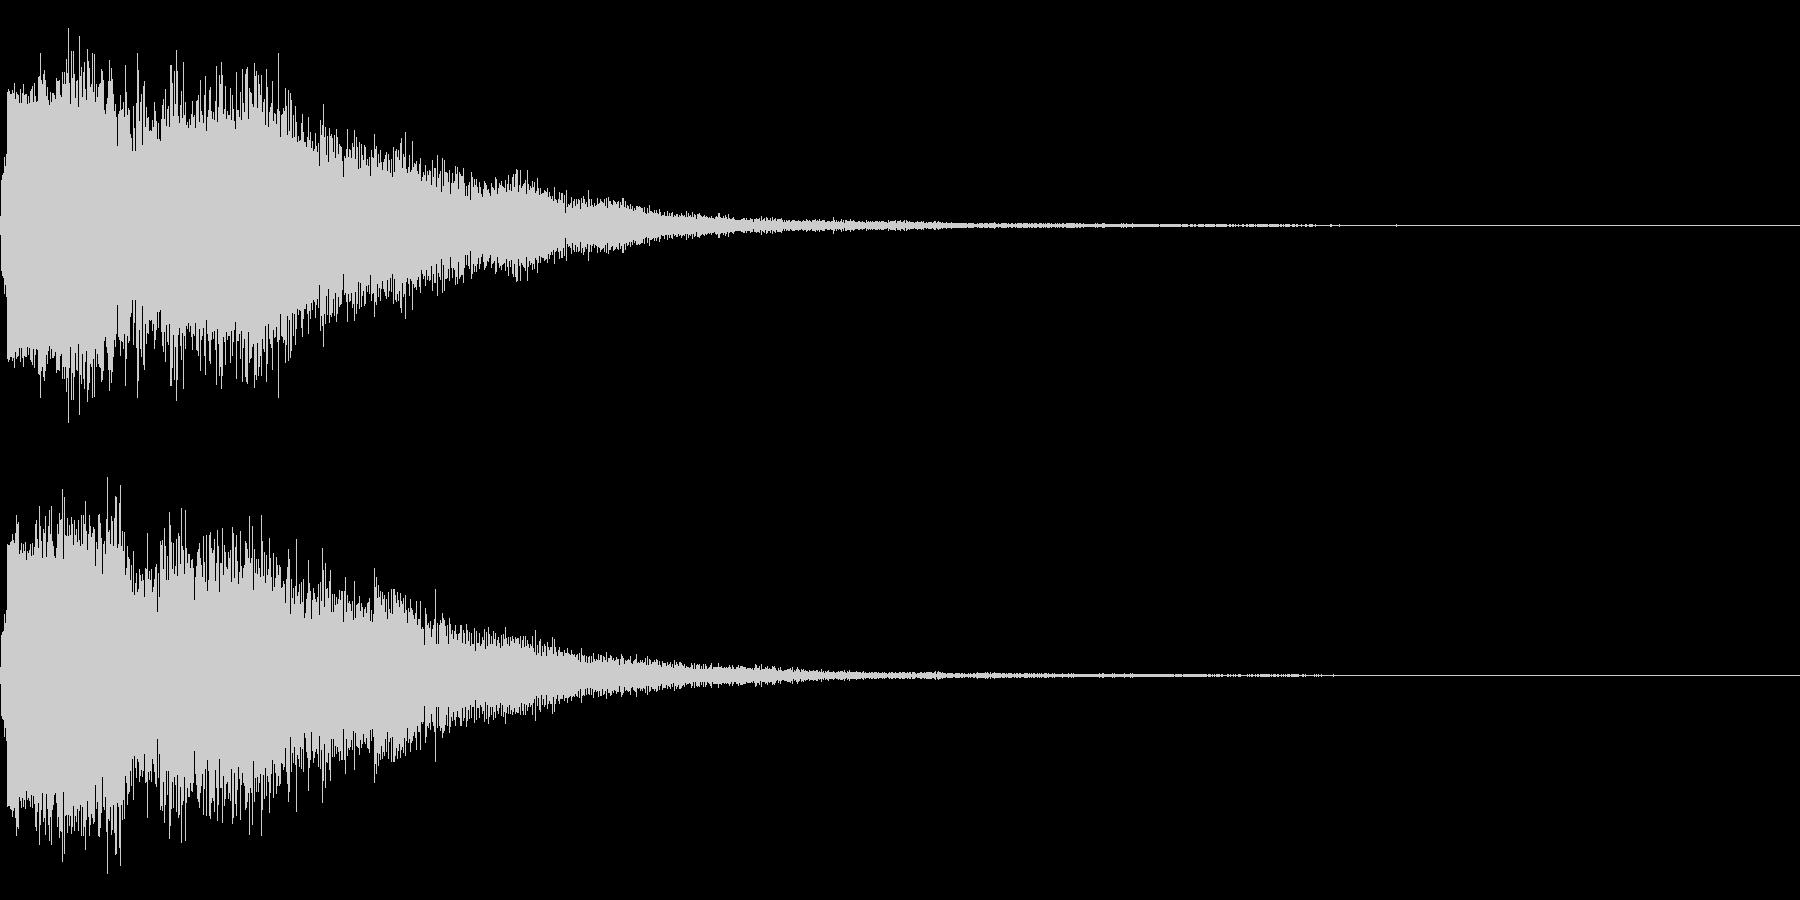 琴と刀の【シャキーン!】和風ロゴ 15の未再生の波形